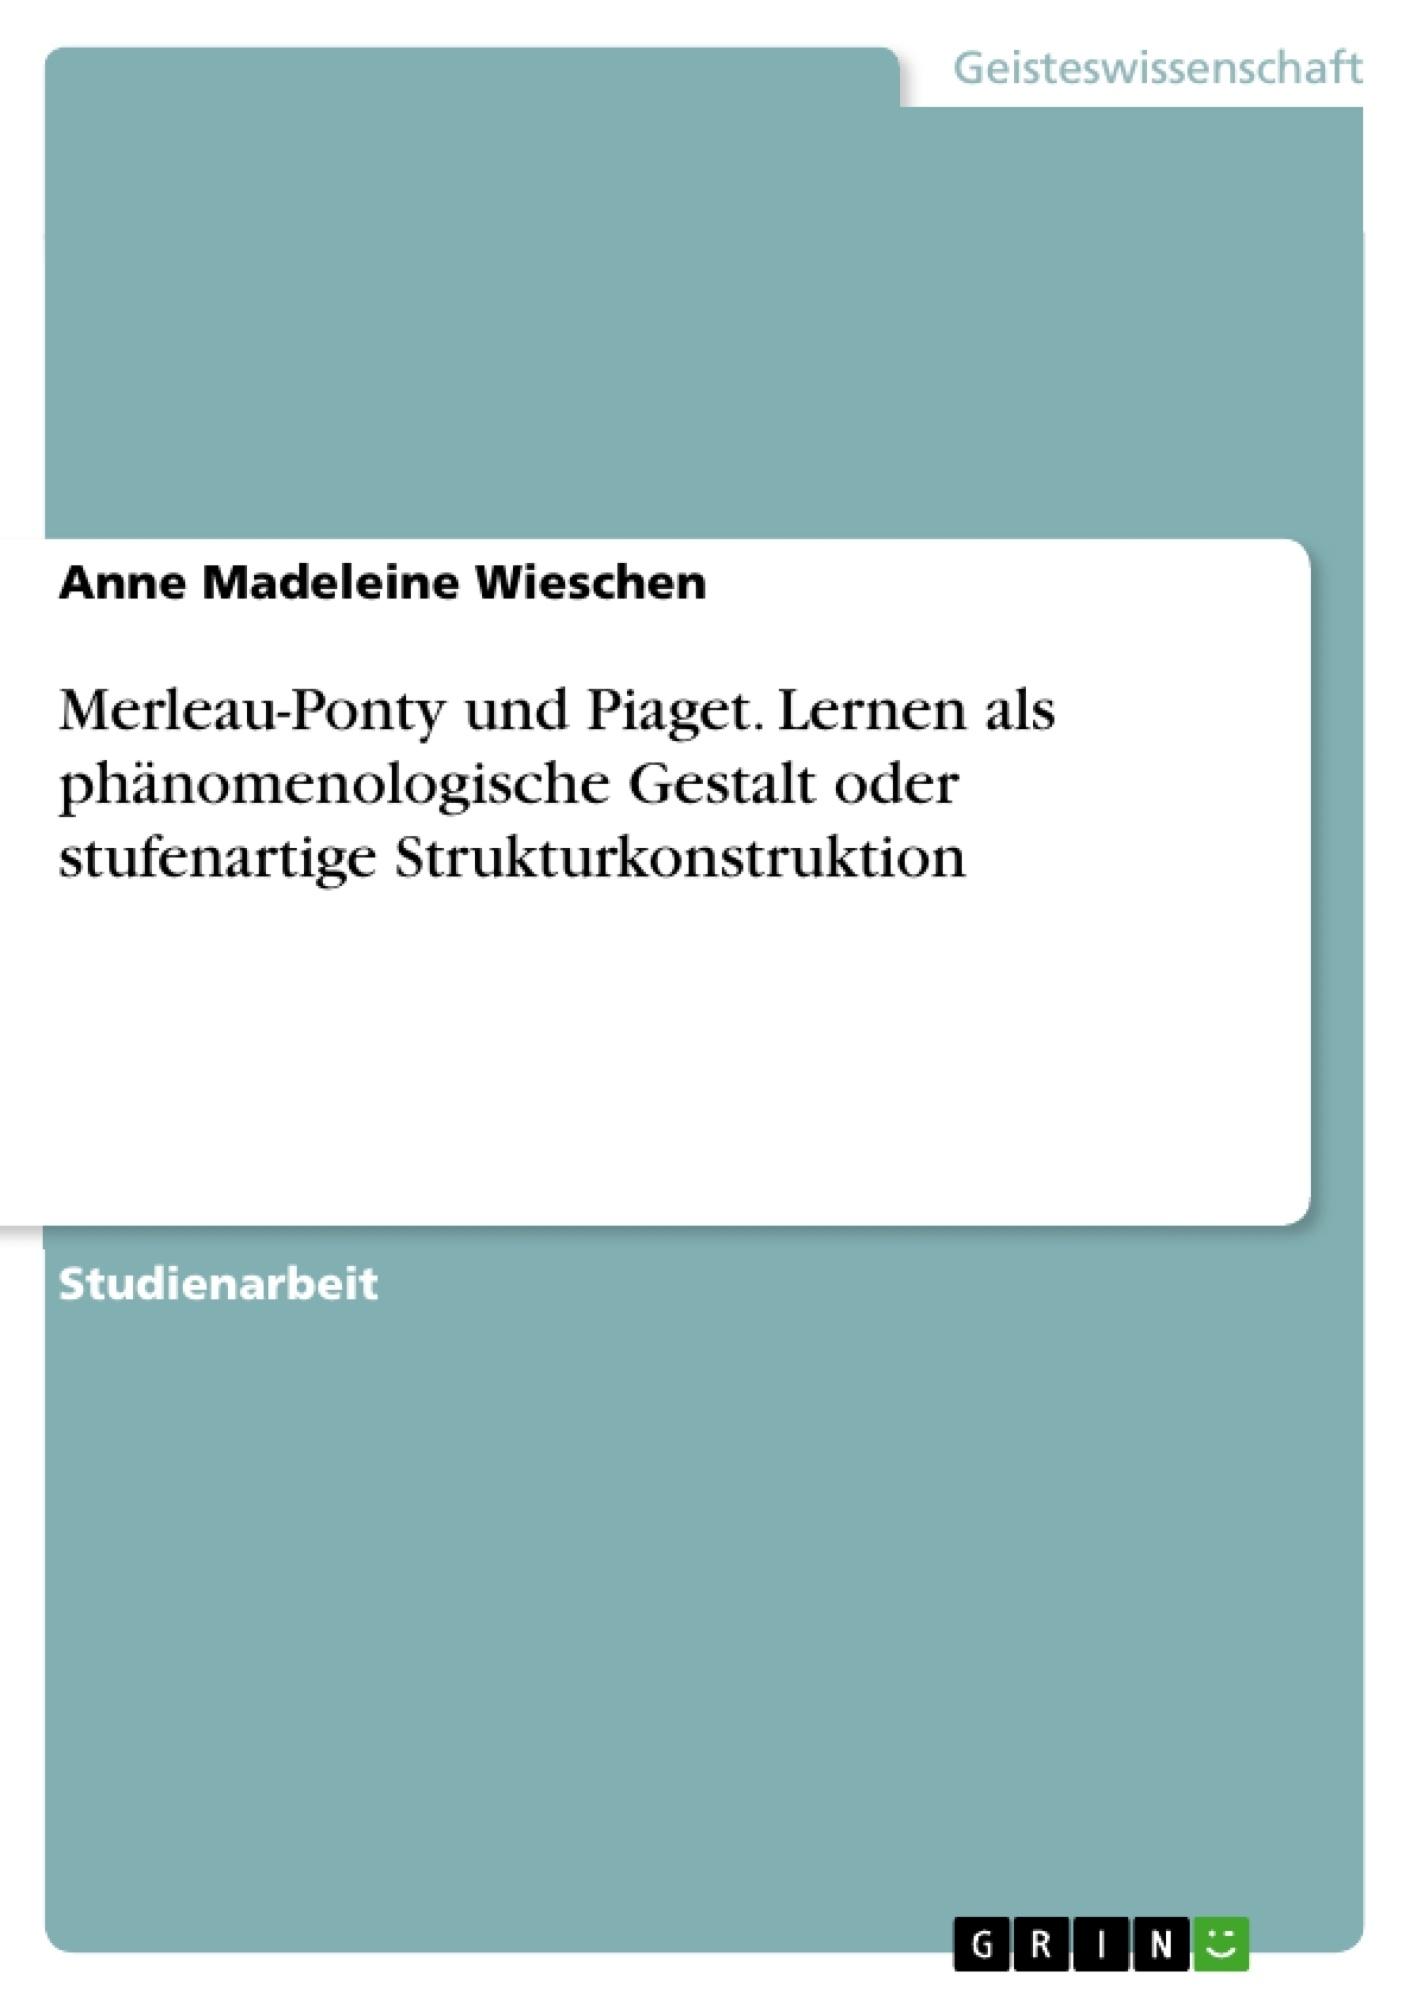 Titel: Merleau-Ponty und Piaget. Lernen als phänomenologische Gestalt oder stufenartige Strukturkonstruktion